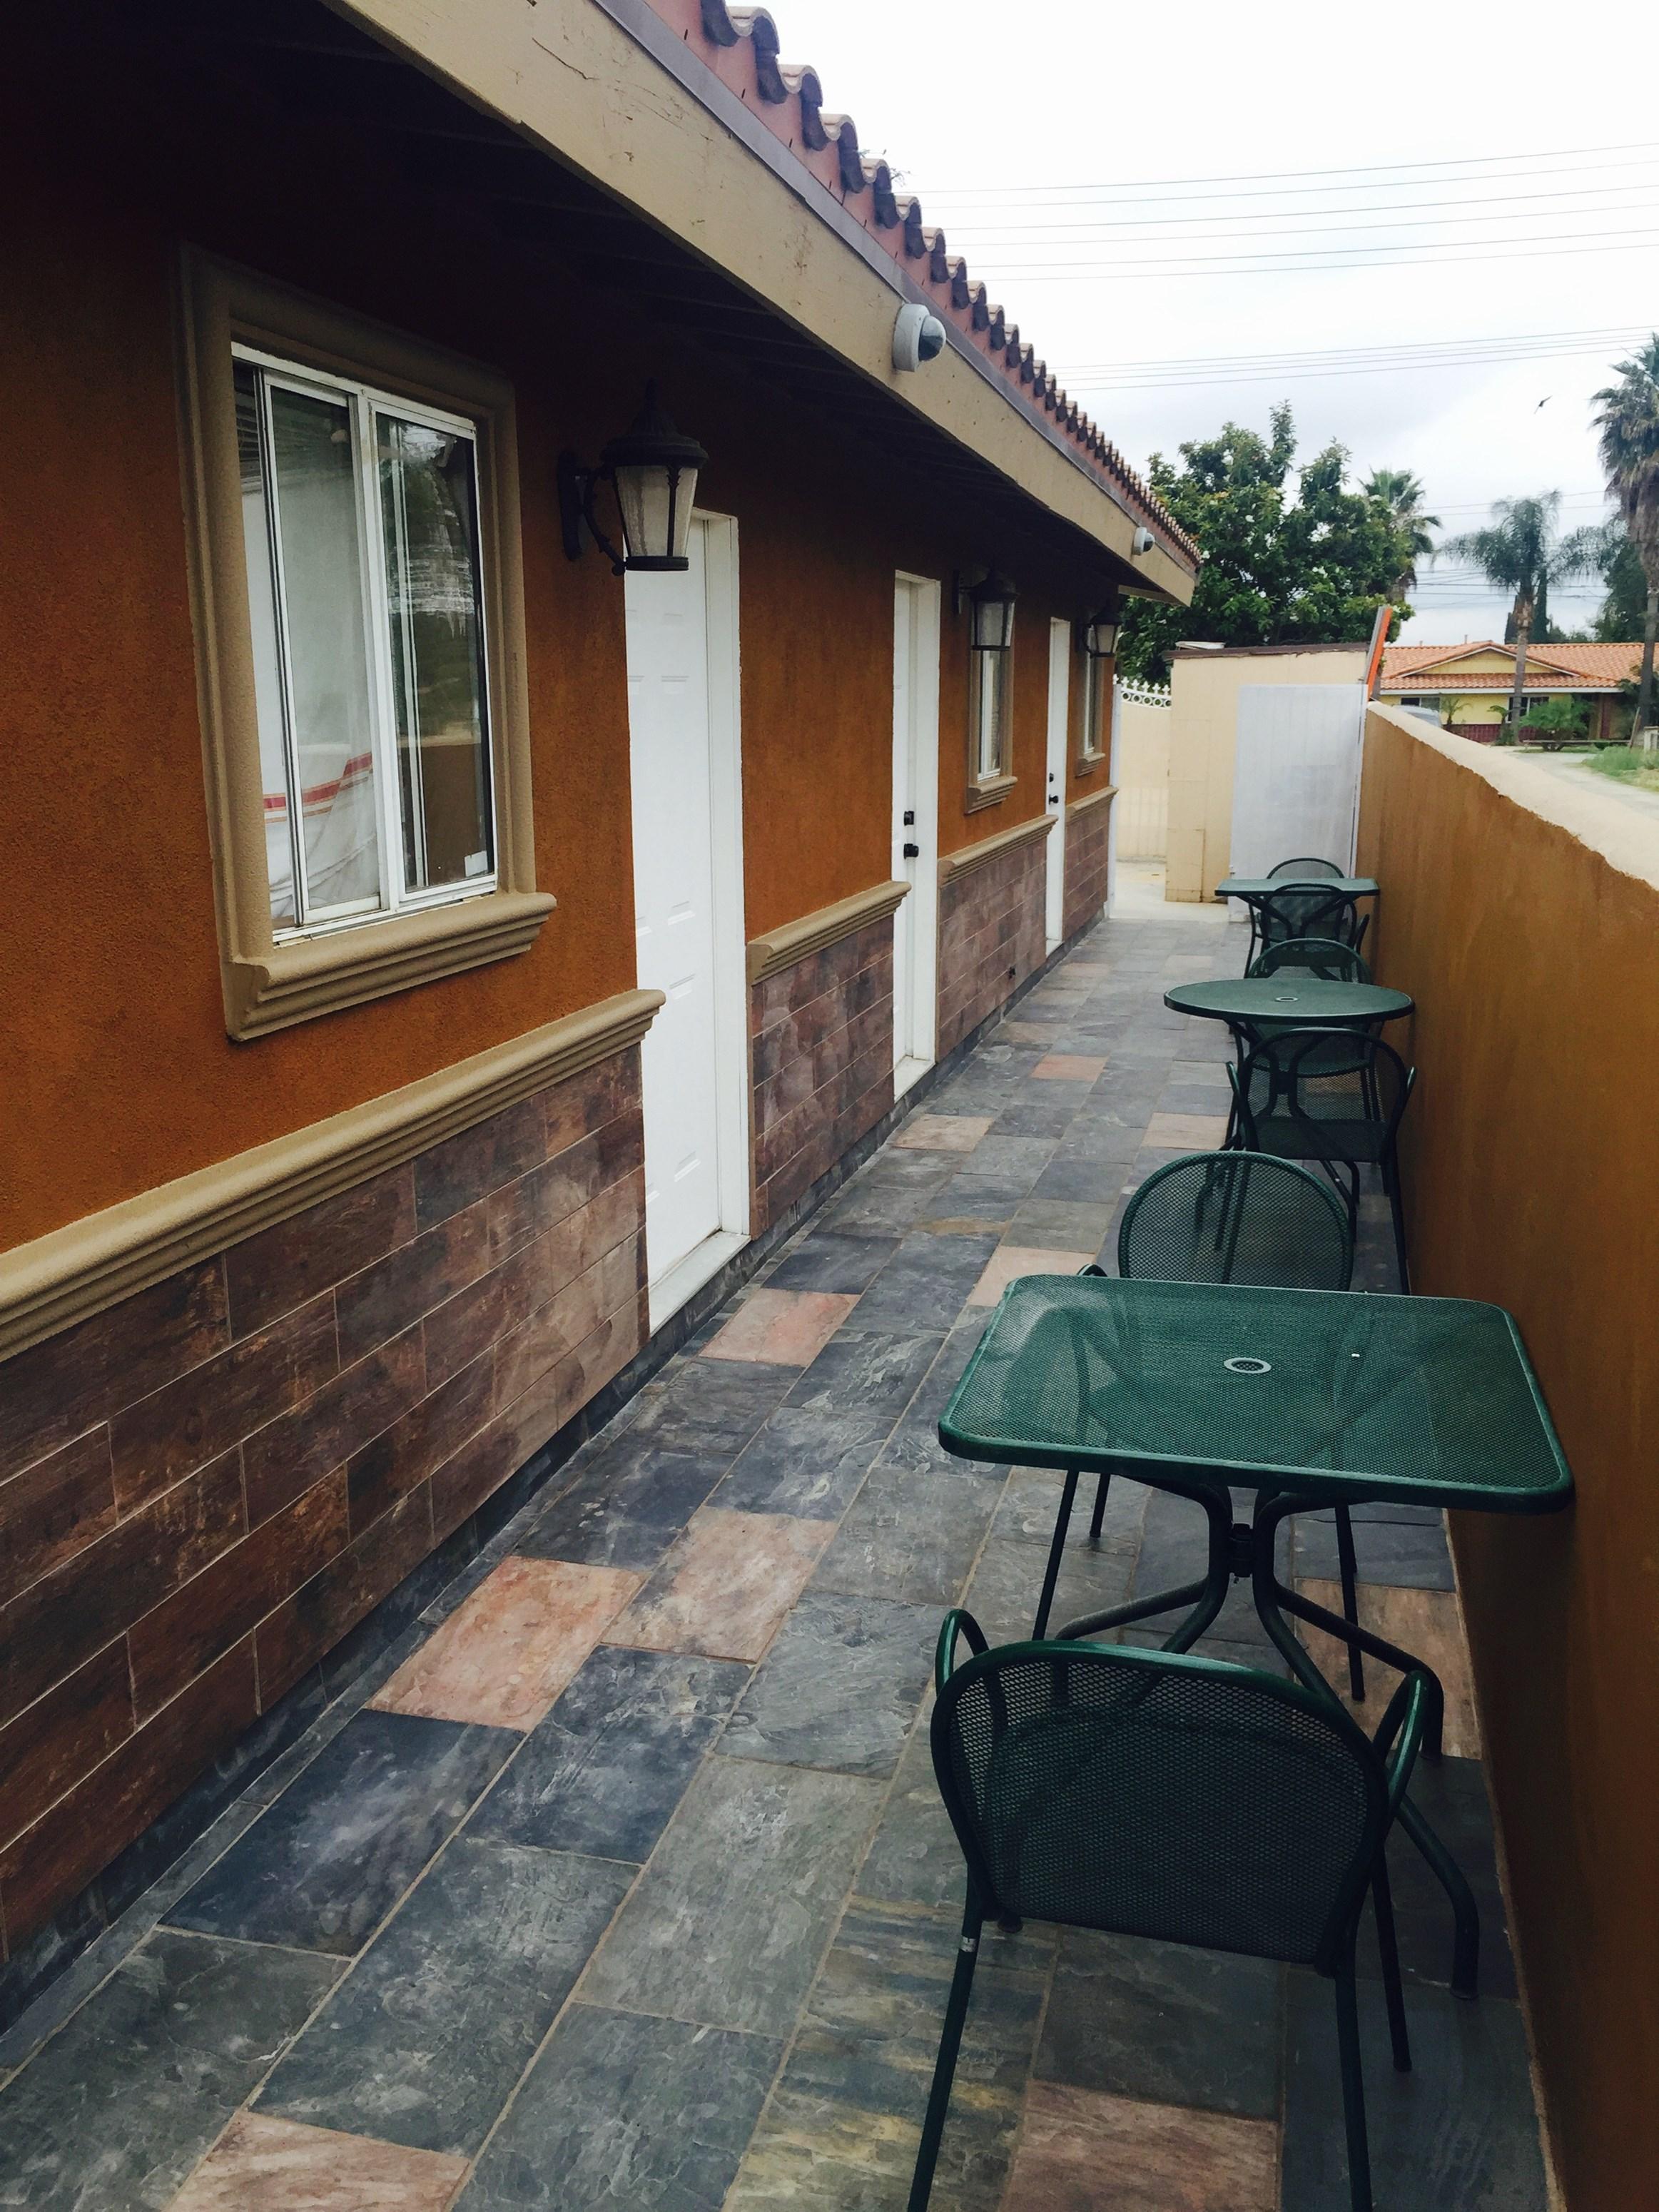 Craiglist Rooms For Rent Riverside California